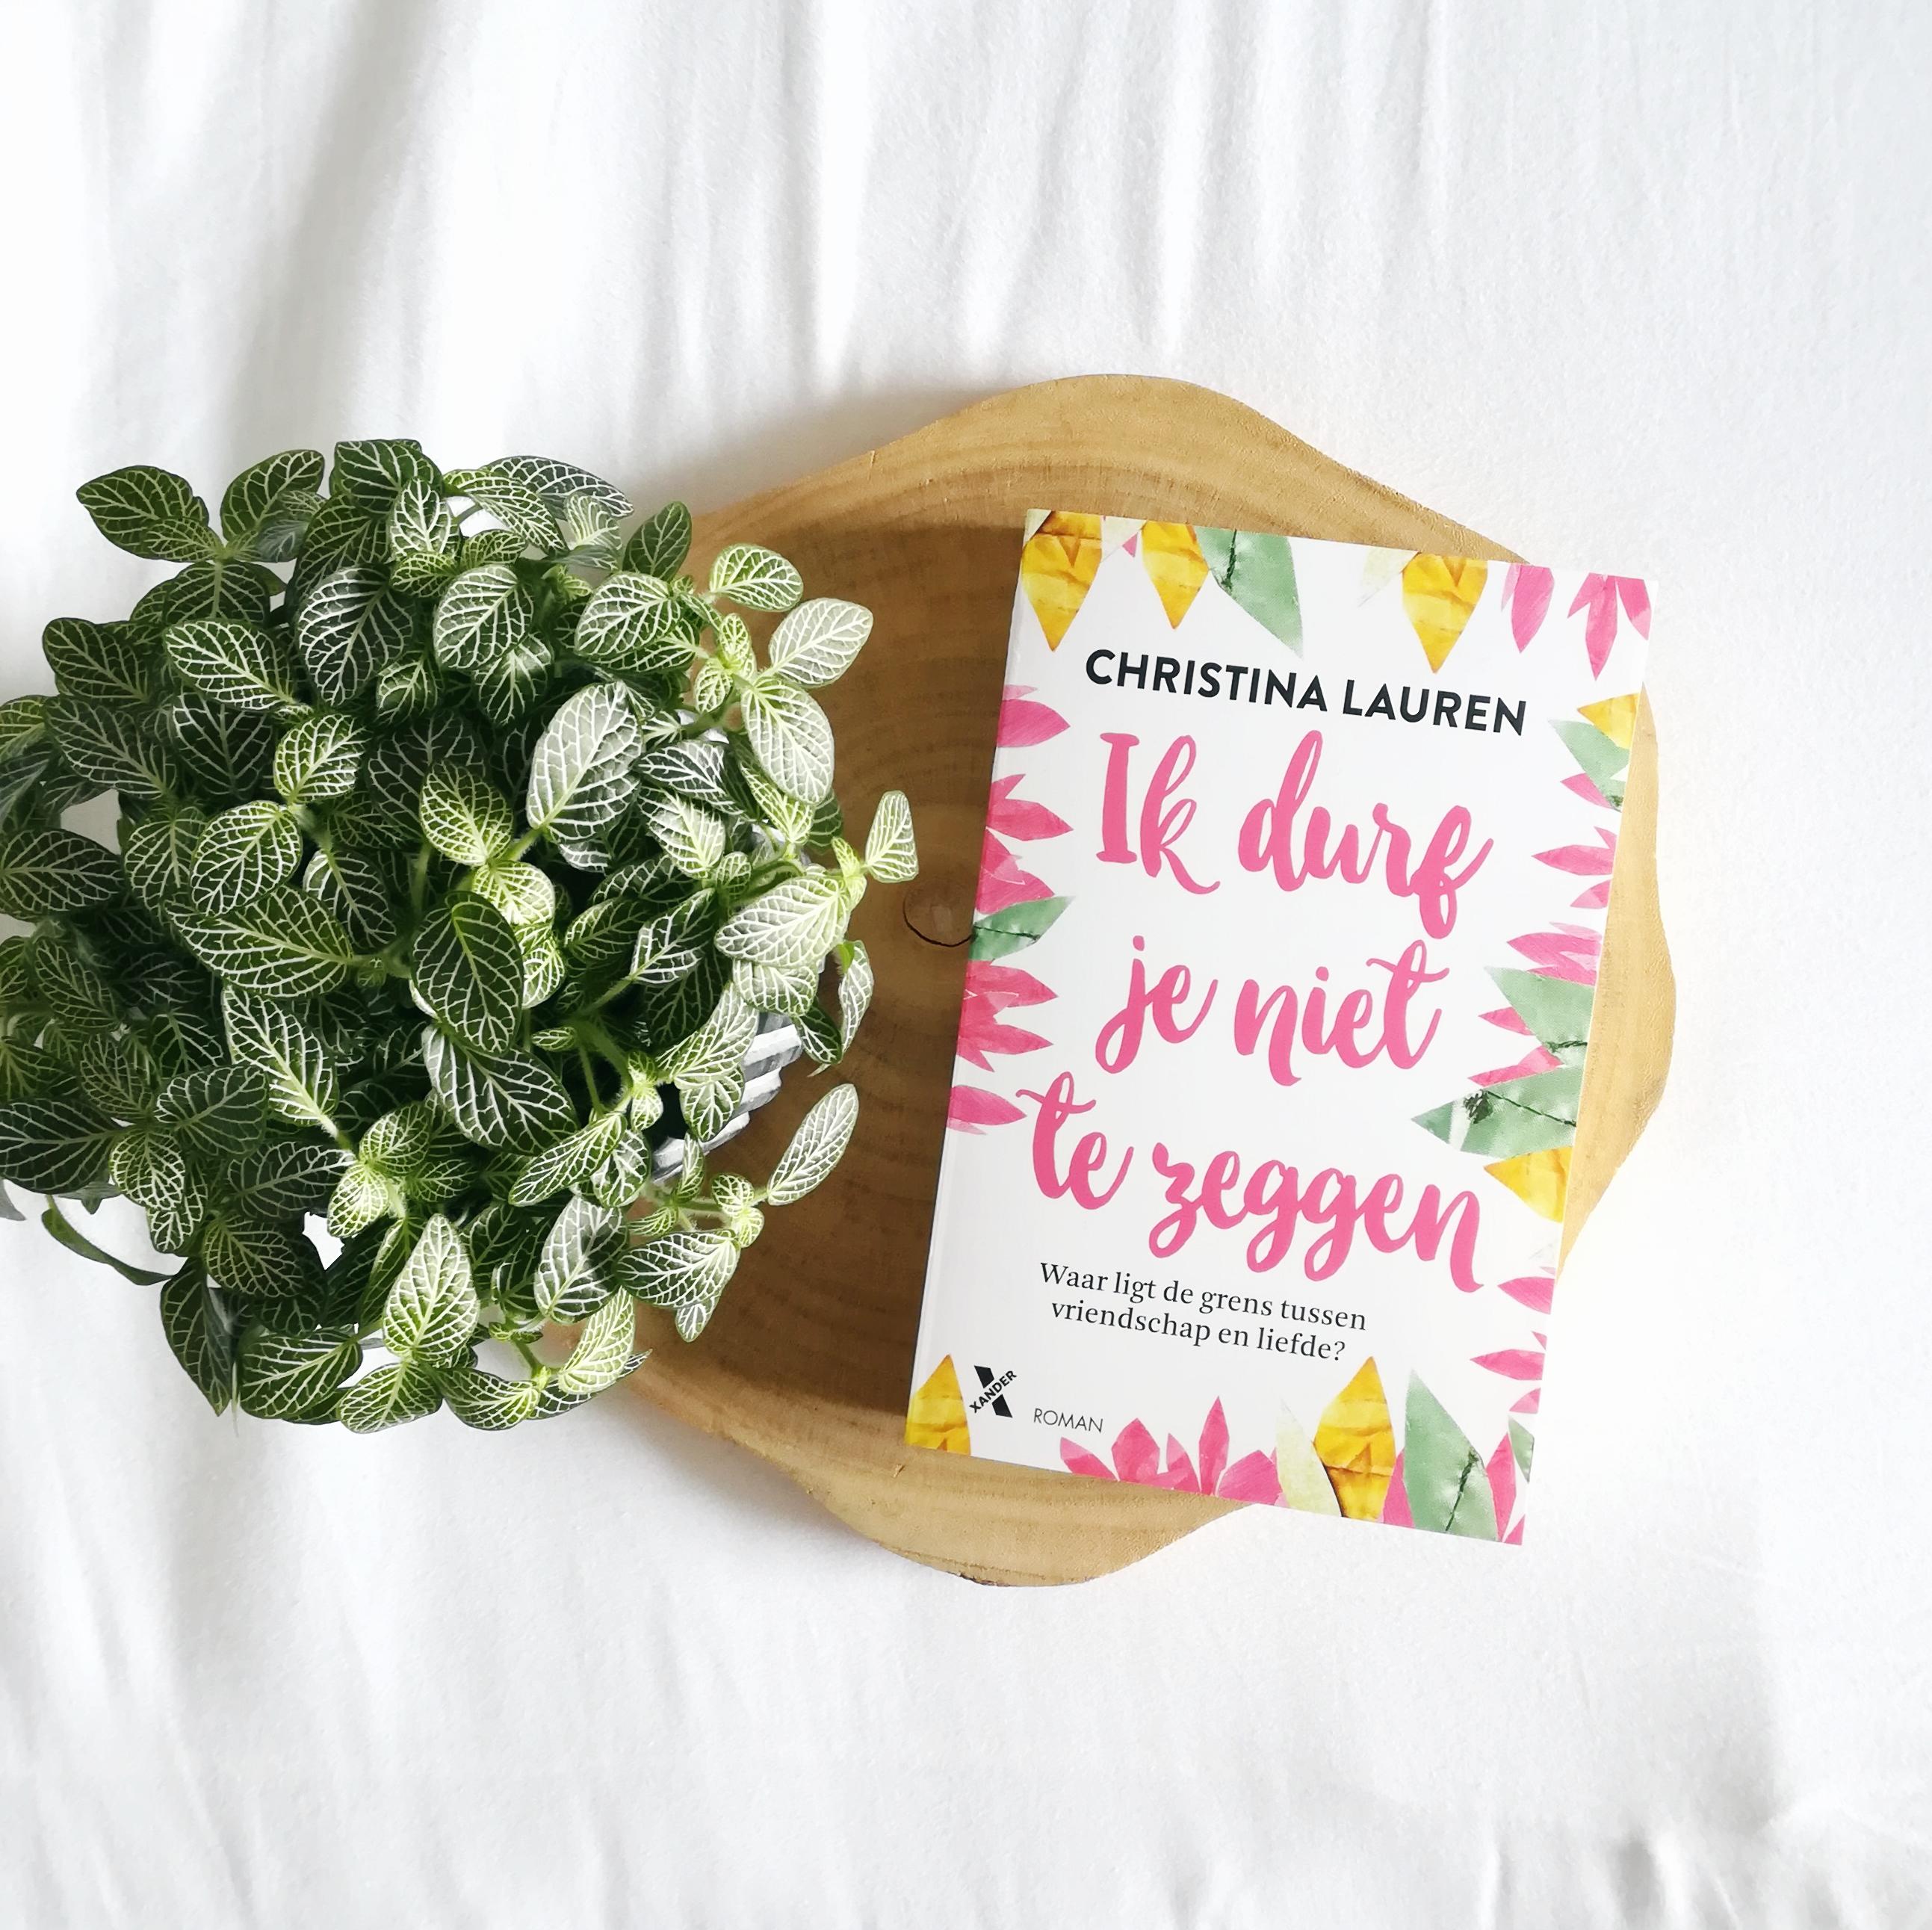 Ik durf je niet te zeggen - Christina Lauren | Marieke's Books recensie